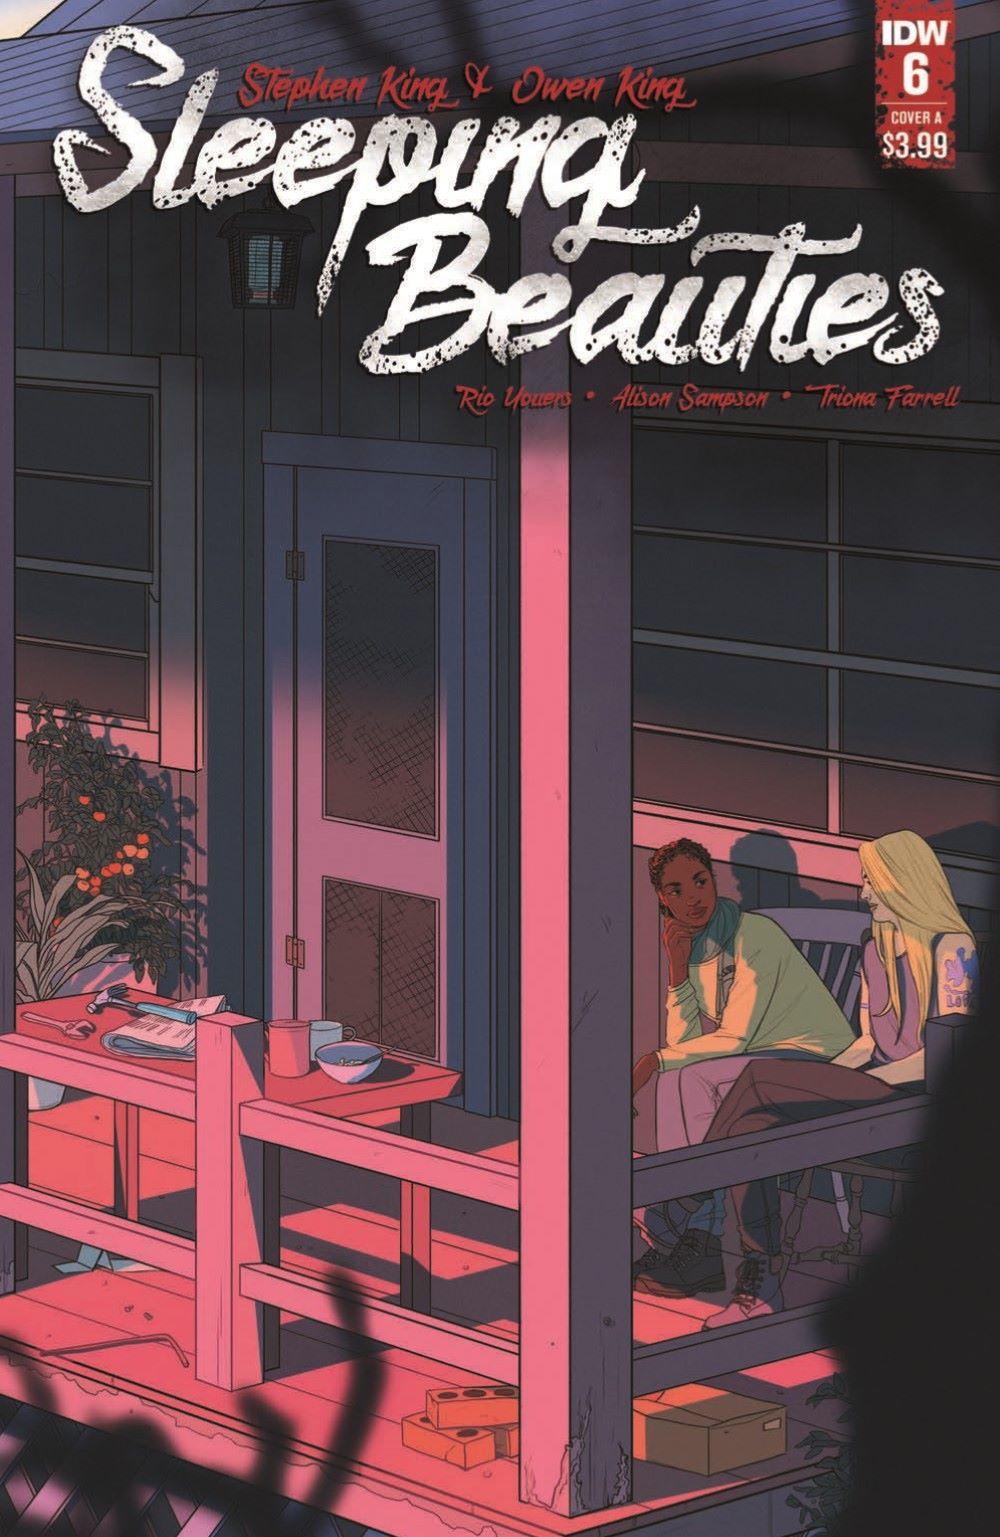 SleepingBeauties_06_pr-1 ComicList Previews: SLEEPING BEAUTIES #6 (OF 10)